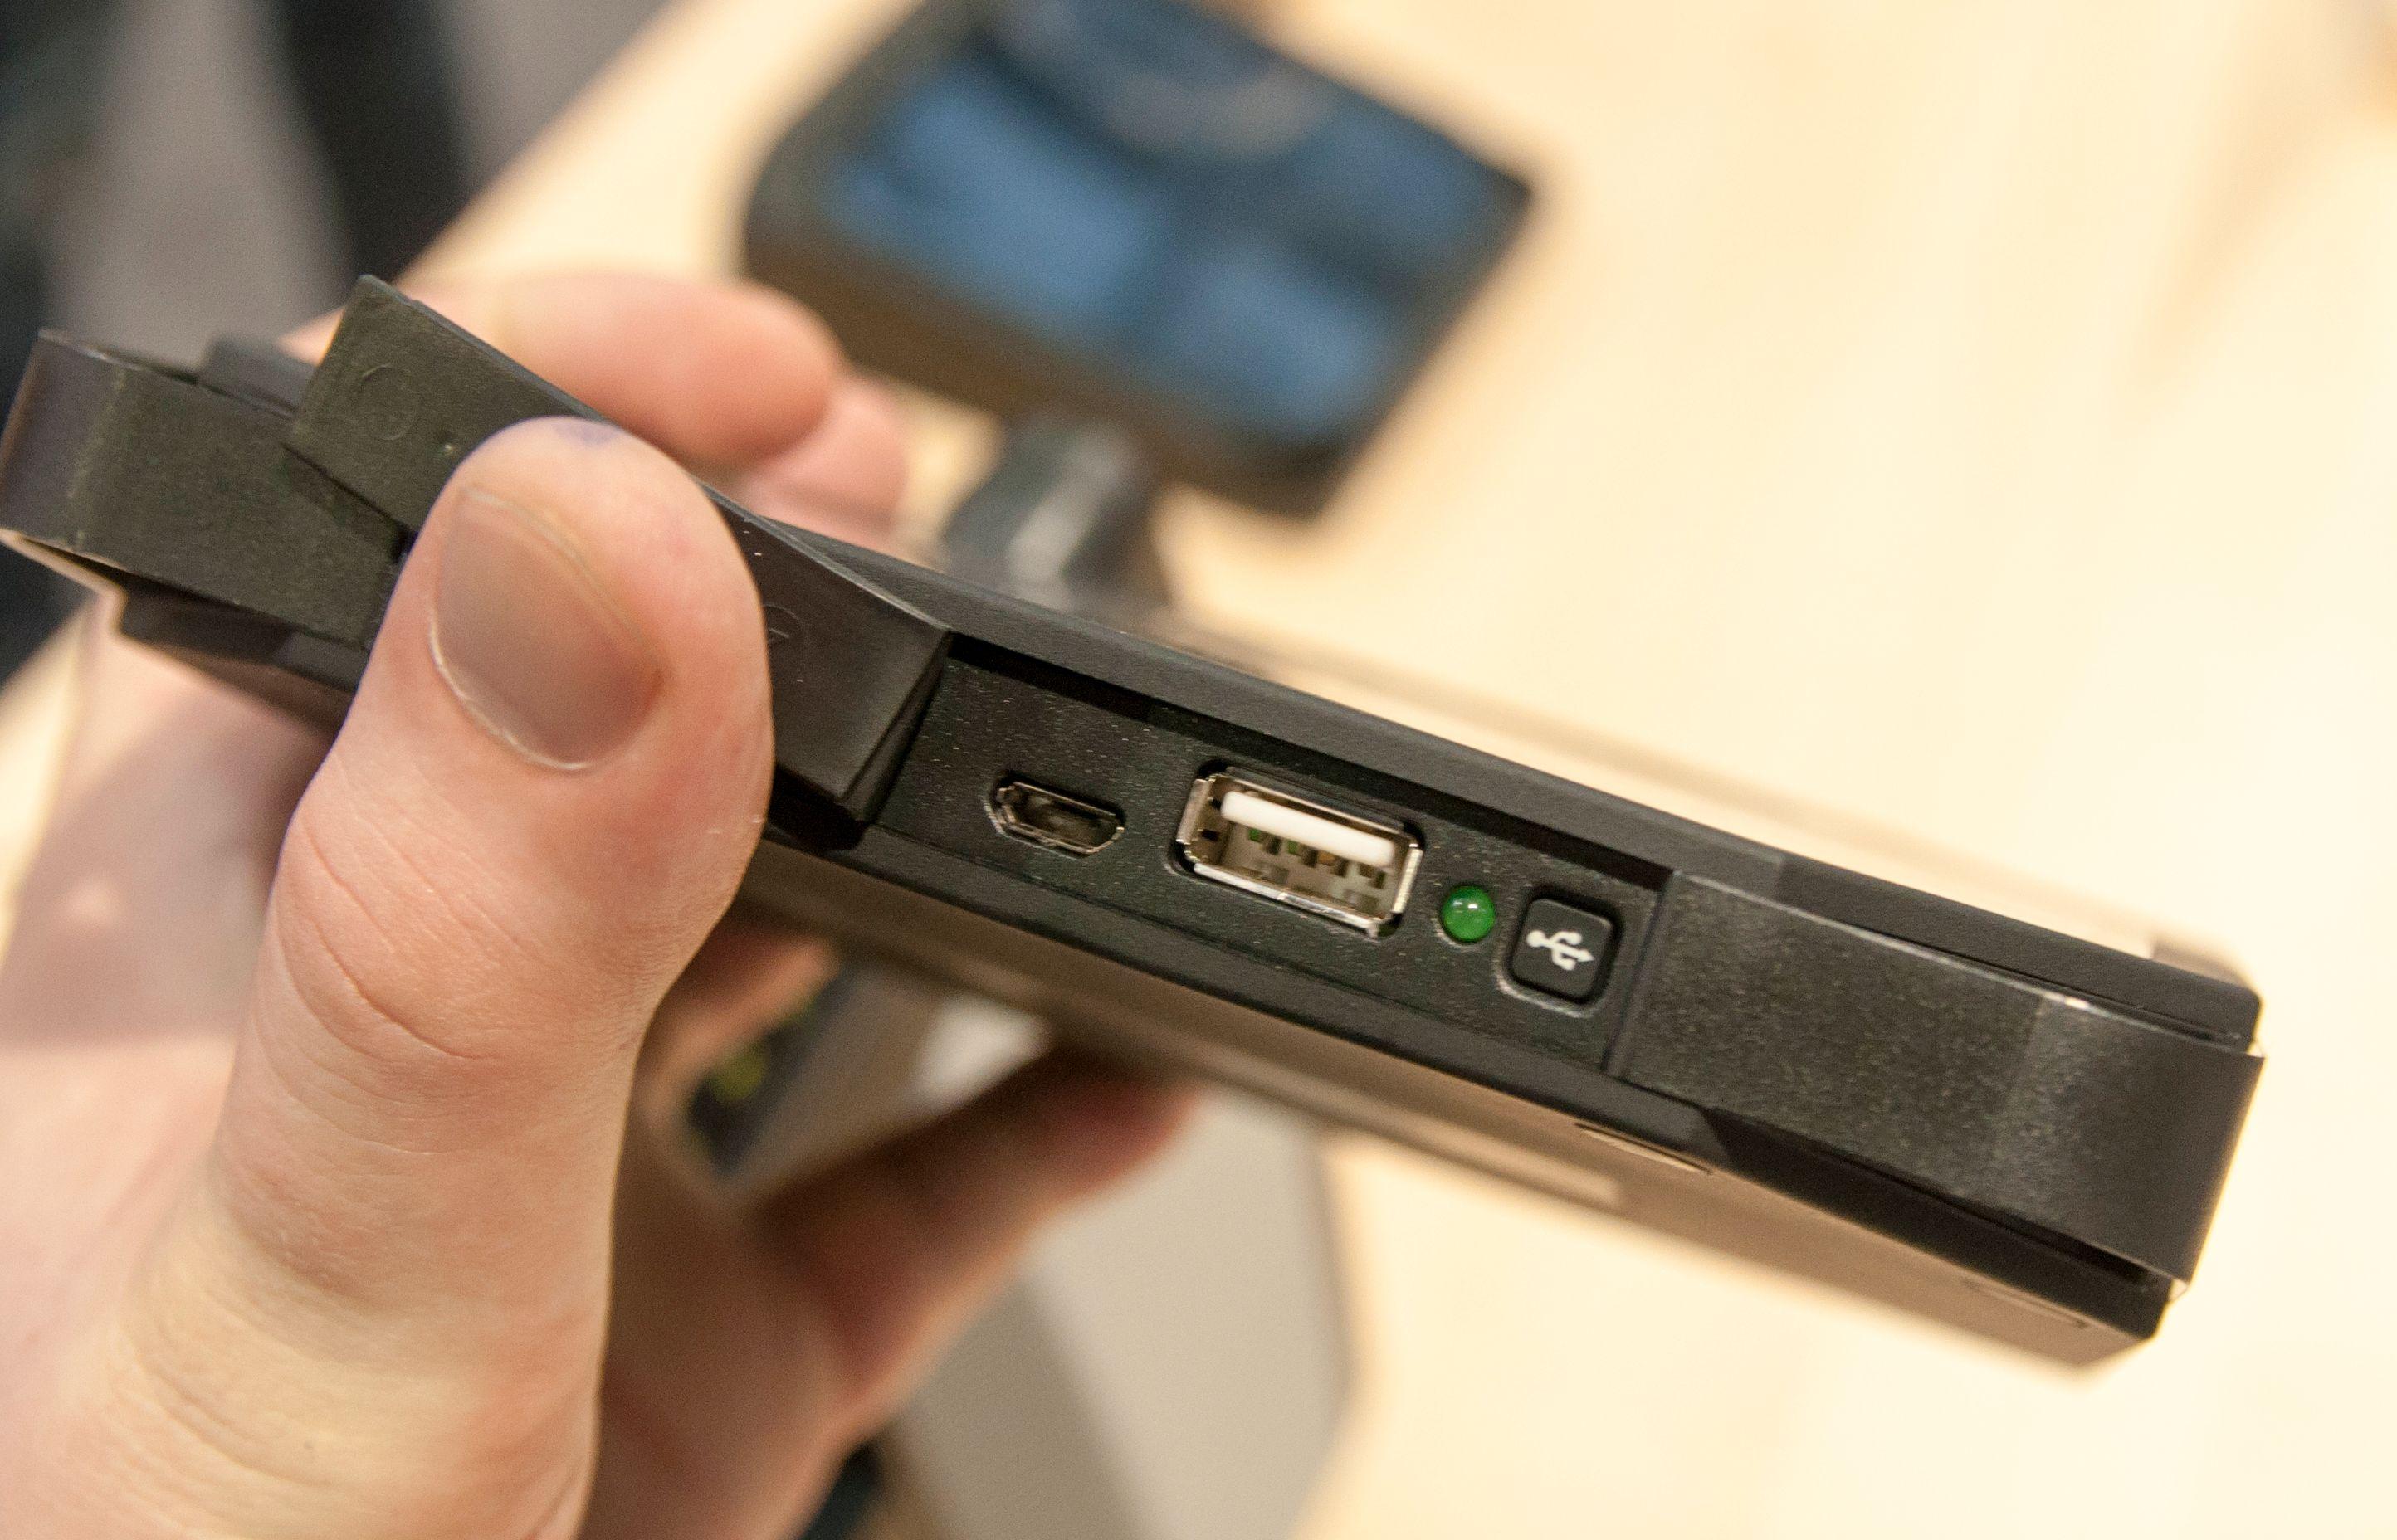 Rukus XL har ladekobling til mobilen i luken foran. På Rugget Rukus sitter tilkblingen på baksiden.Foto: Finn Jarle Kvalheim, Amobil.no